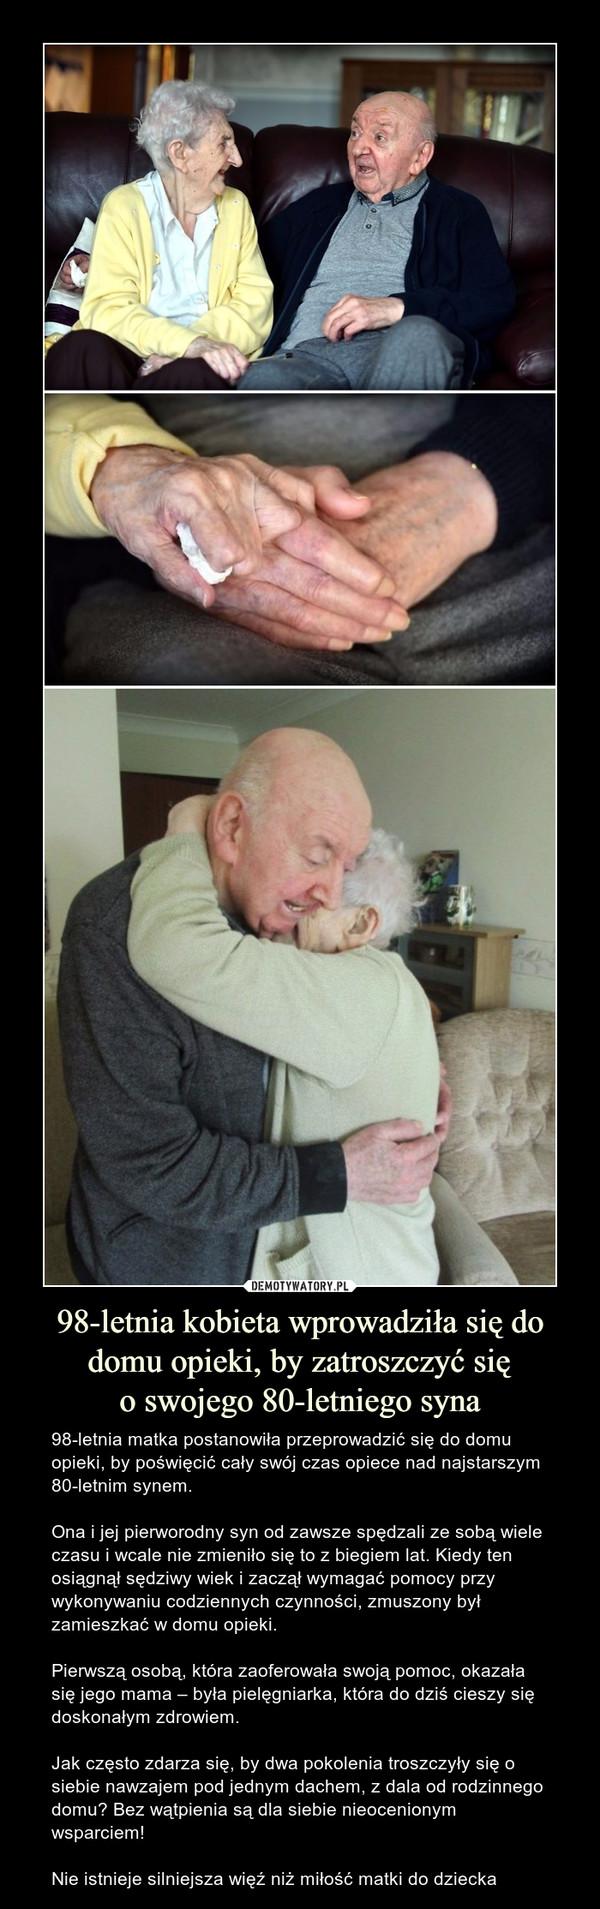 98-letnia kobieta wprowadziła się do domu opieki, by zatroszczyć sięo swojego 80-letniego syna – 98-letnia matka postanowiła przeprowadzić się do domu opieki, by poświęcić cały swój czas opiece nad najstarszym 80-letnim synem. Ona i jej pierworodny syn od zawsze spędzali ze sobą wiele czasu i wcale nie zmieniło się to z biegiem lat. Kiedy ten osiągnął sędziwy wiek i zaczął wymagać pomocy przy wykonywaniu codziennych czynności, zmuszony był zamieszkać w domu opieki.Pierwszą osobą, która zaoferowała swoją pomoc, okazała się jego mama – była pielęgniarka, która do dziś cieszy się doskonałym zdrowiem.Jak często zdarza się, by dwa pokolenia troszczyły się o siebie nawzajem pod jednym dachem, z dala od rodzinnego domu? Bez wątpienia są dla siebie nieocenionym wsparciem! Nie istnieje silniejsza więź niż miłość matki do dziecka